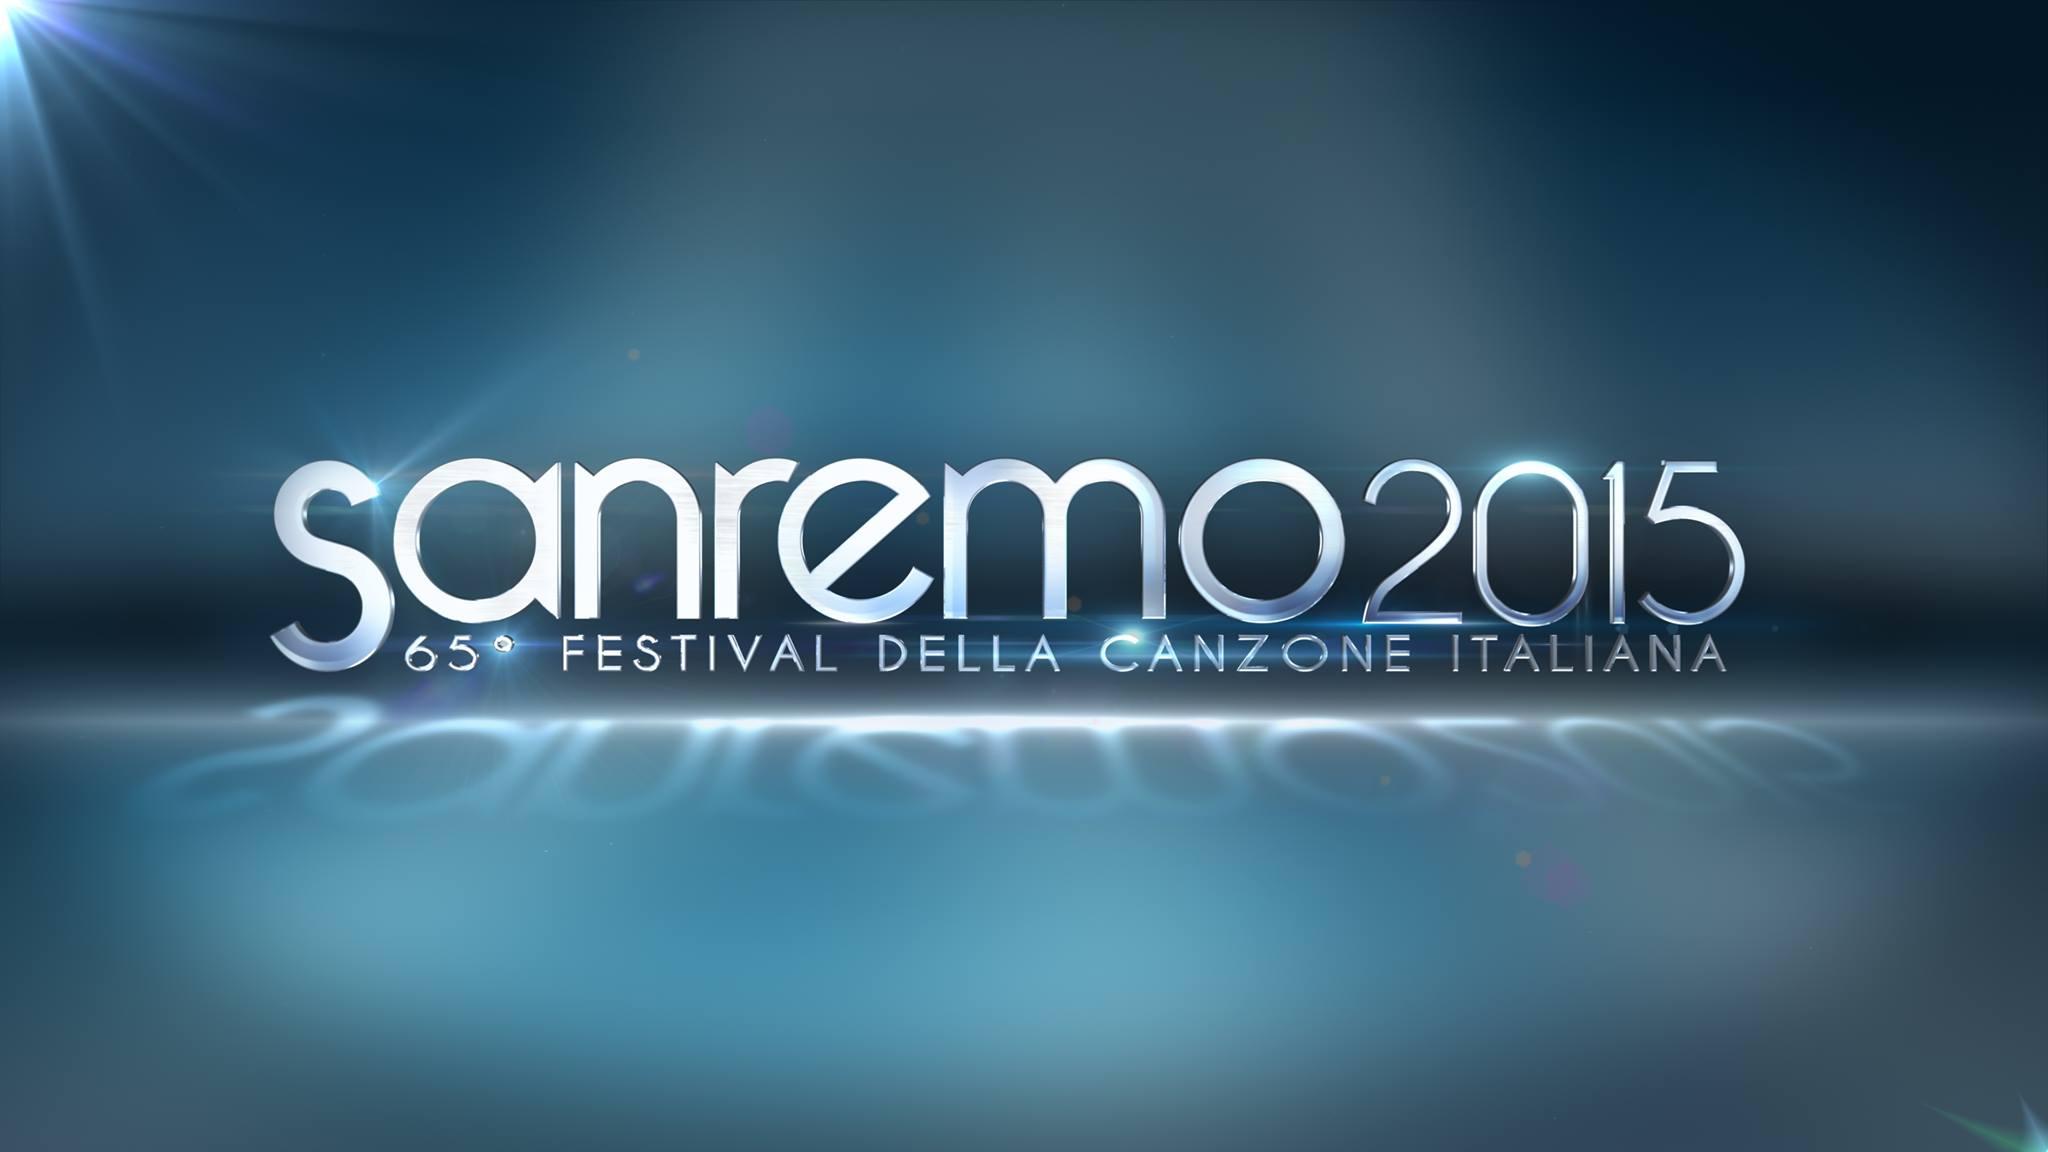 Alice Nel Sanremo Delle Meraviglie – Finalmente al Festival!